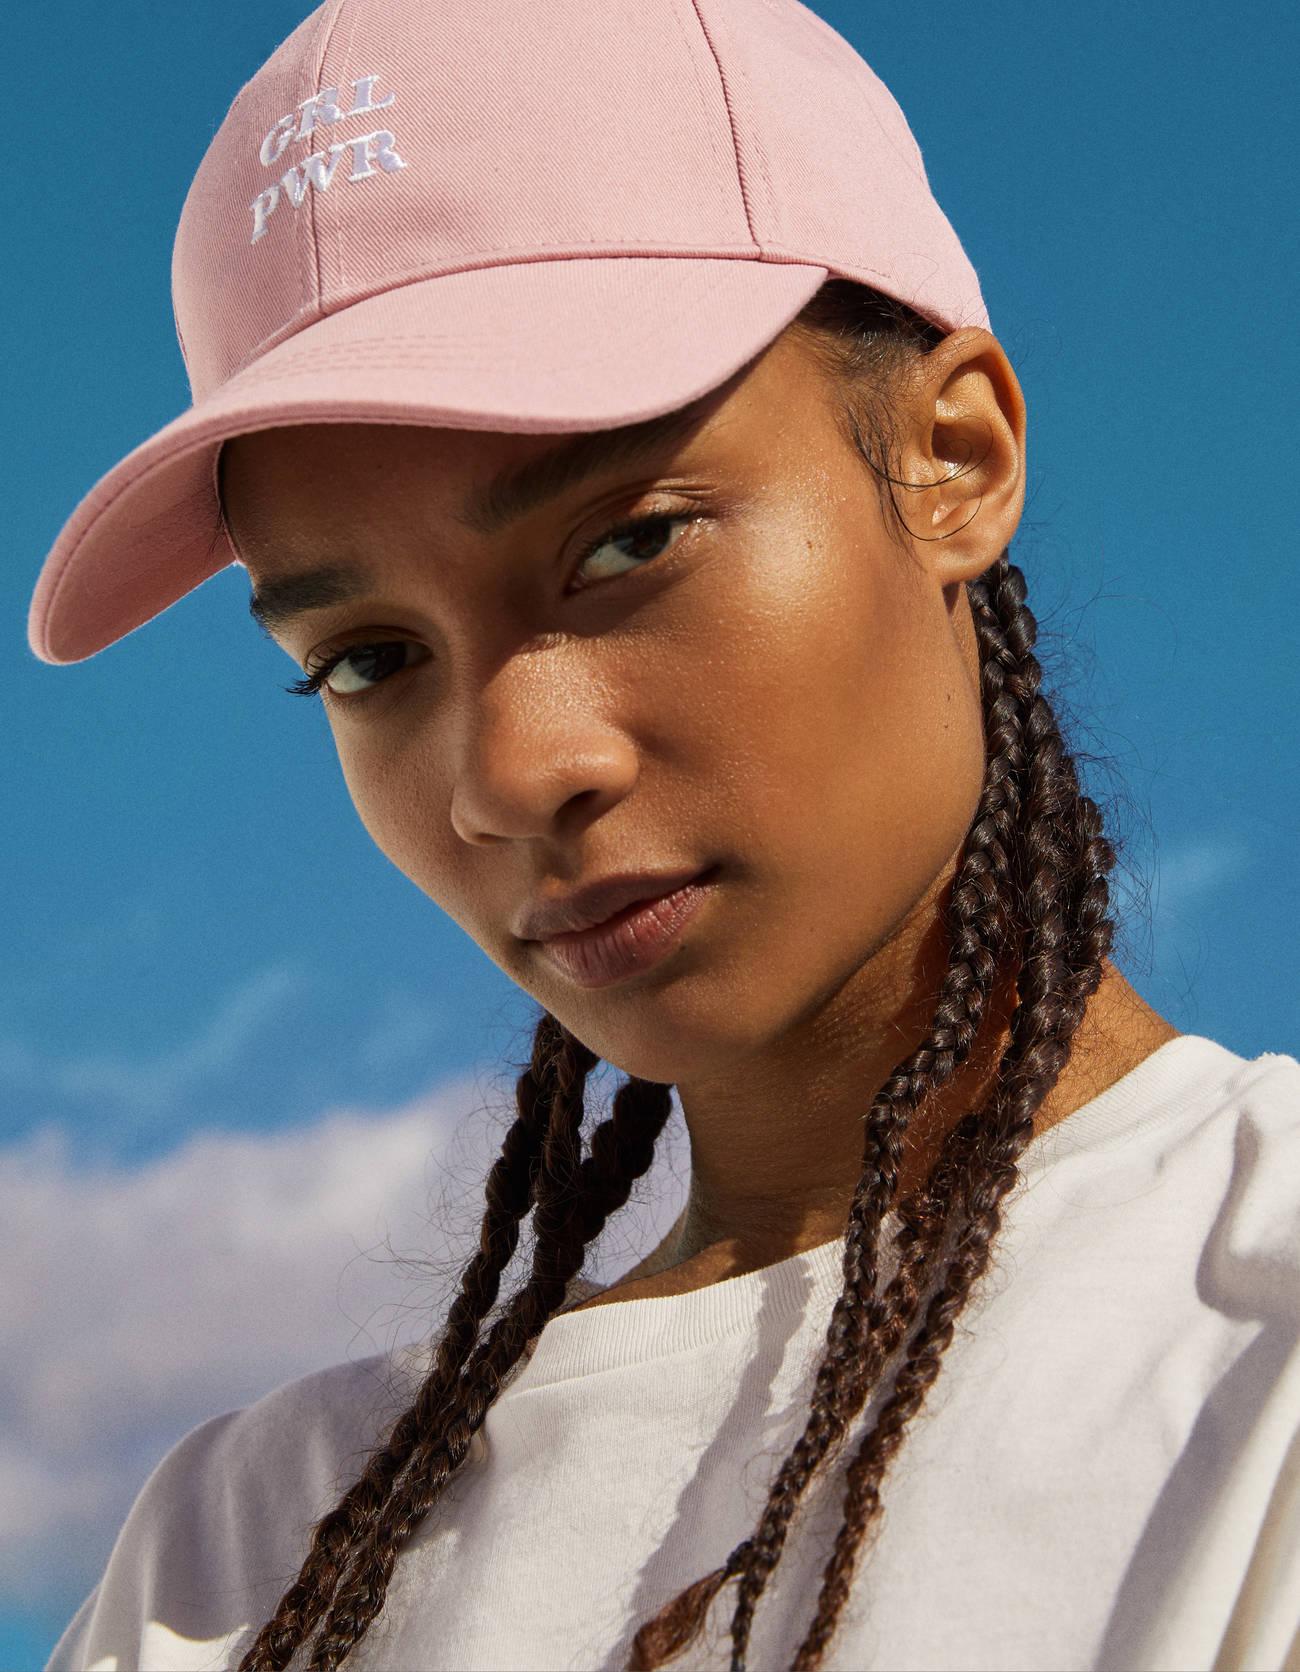 Gorra rosa pastel con bordado 'Girl Power'